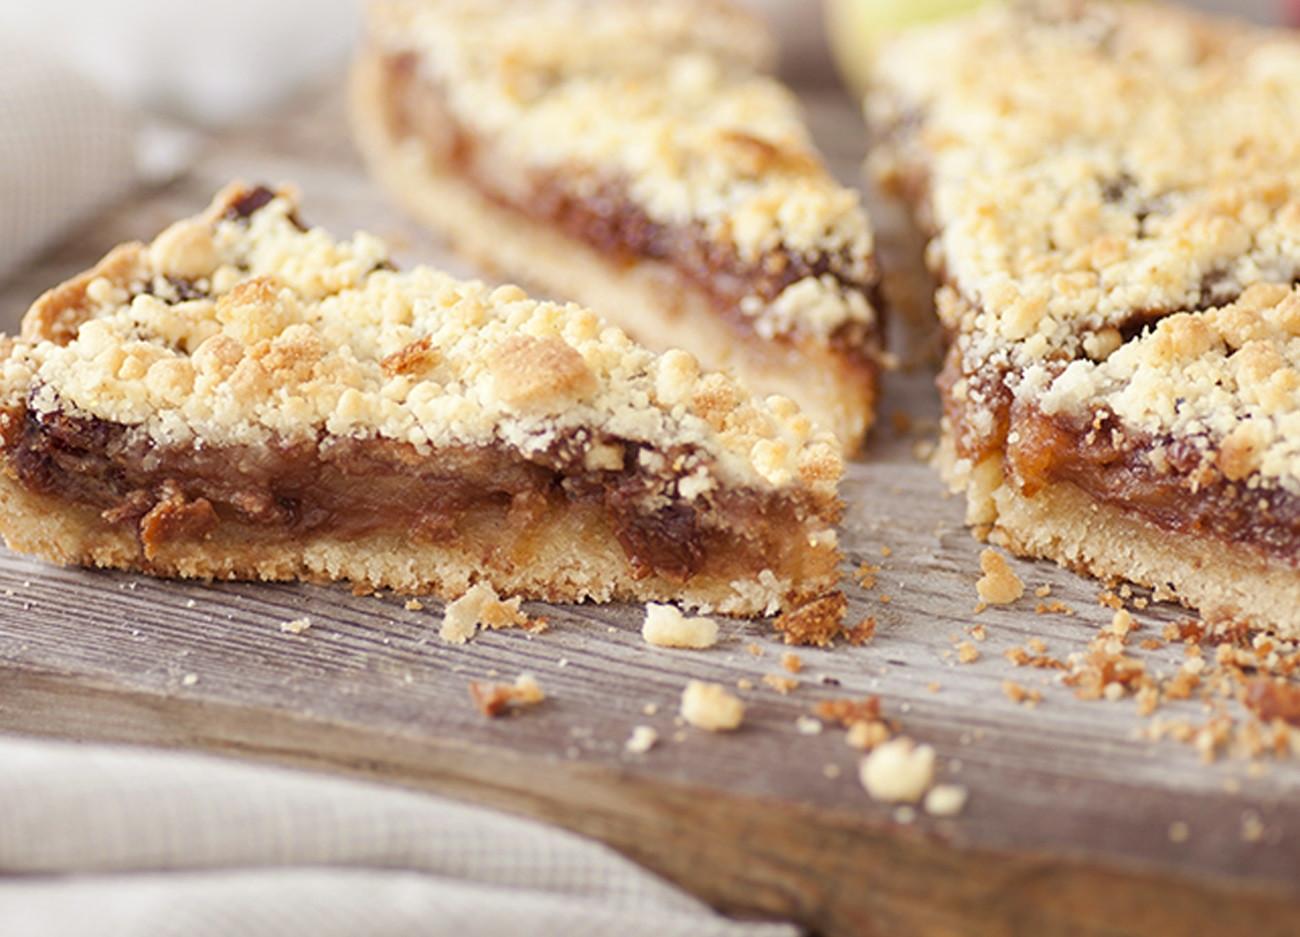 Torta de maçã é delícia feita com alimentos da safra; aprenda